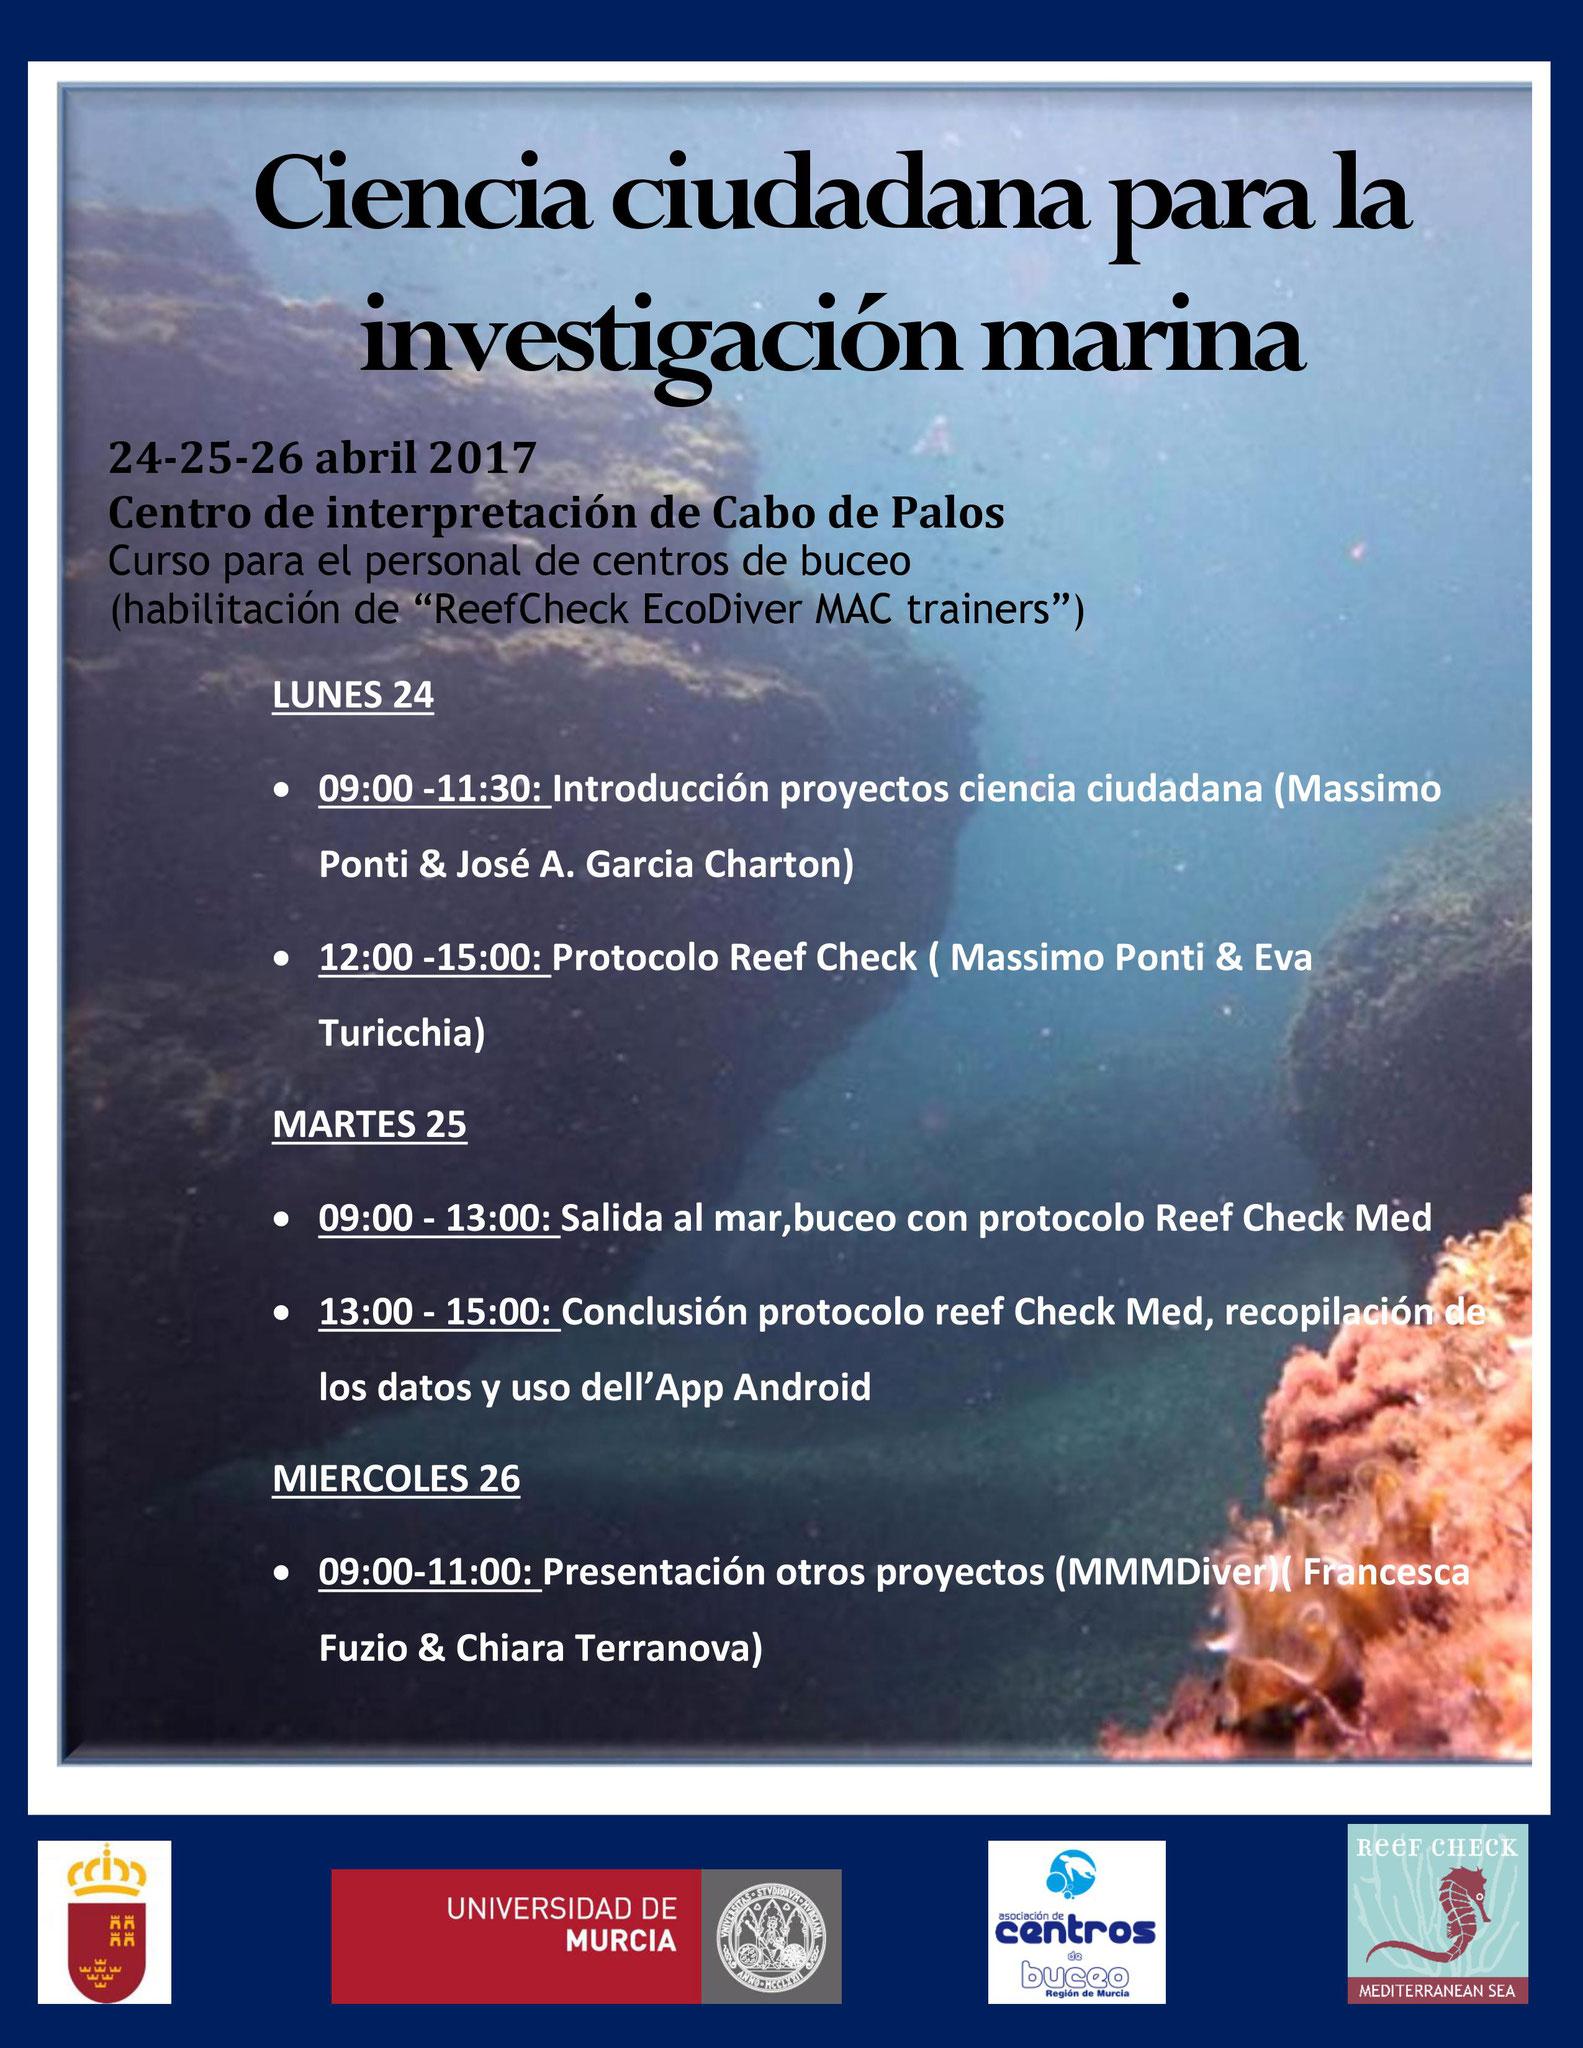 Ciencia ciudadana para la investigation marina